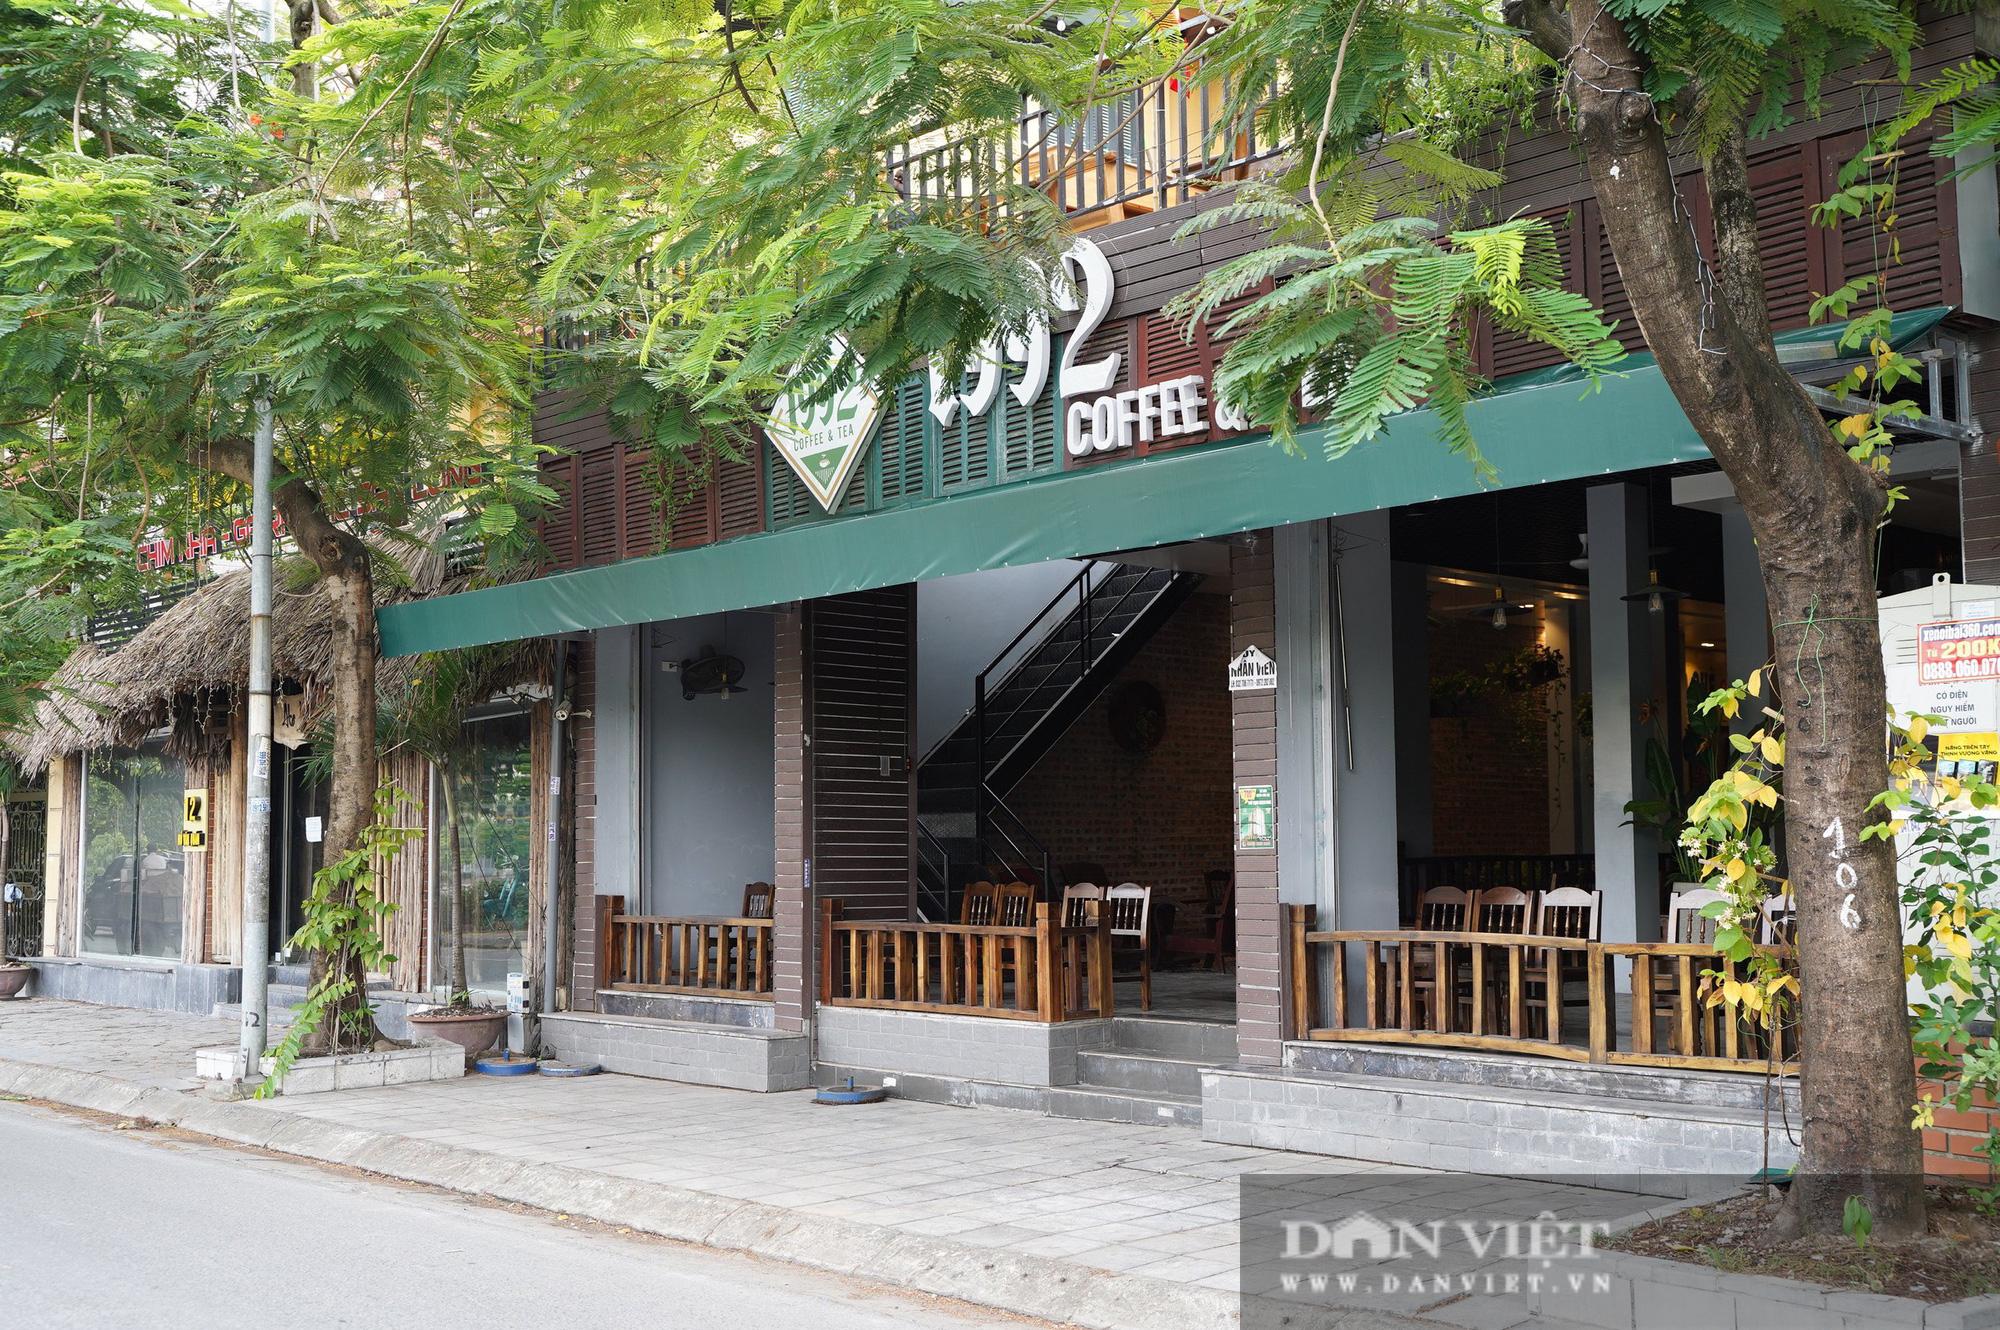 Hà Nội: Quán cafe nơi thưa thớt, chỗ nhộp nhịp trong ngày đầu mở cửa trở lại - Ảnh 3.